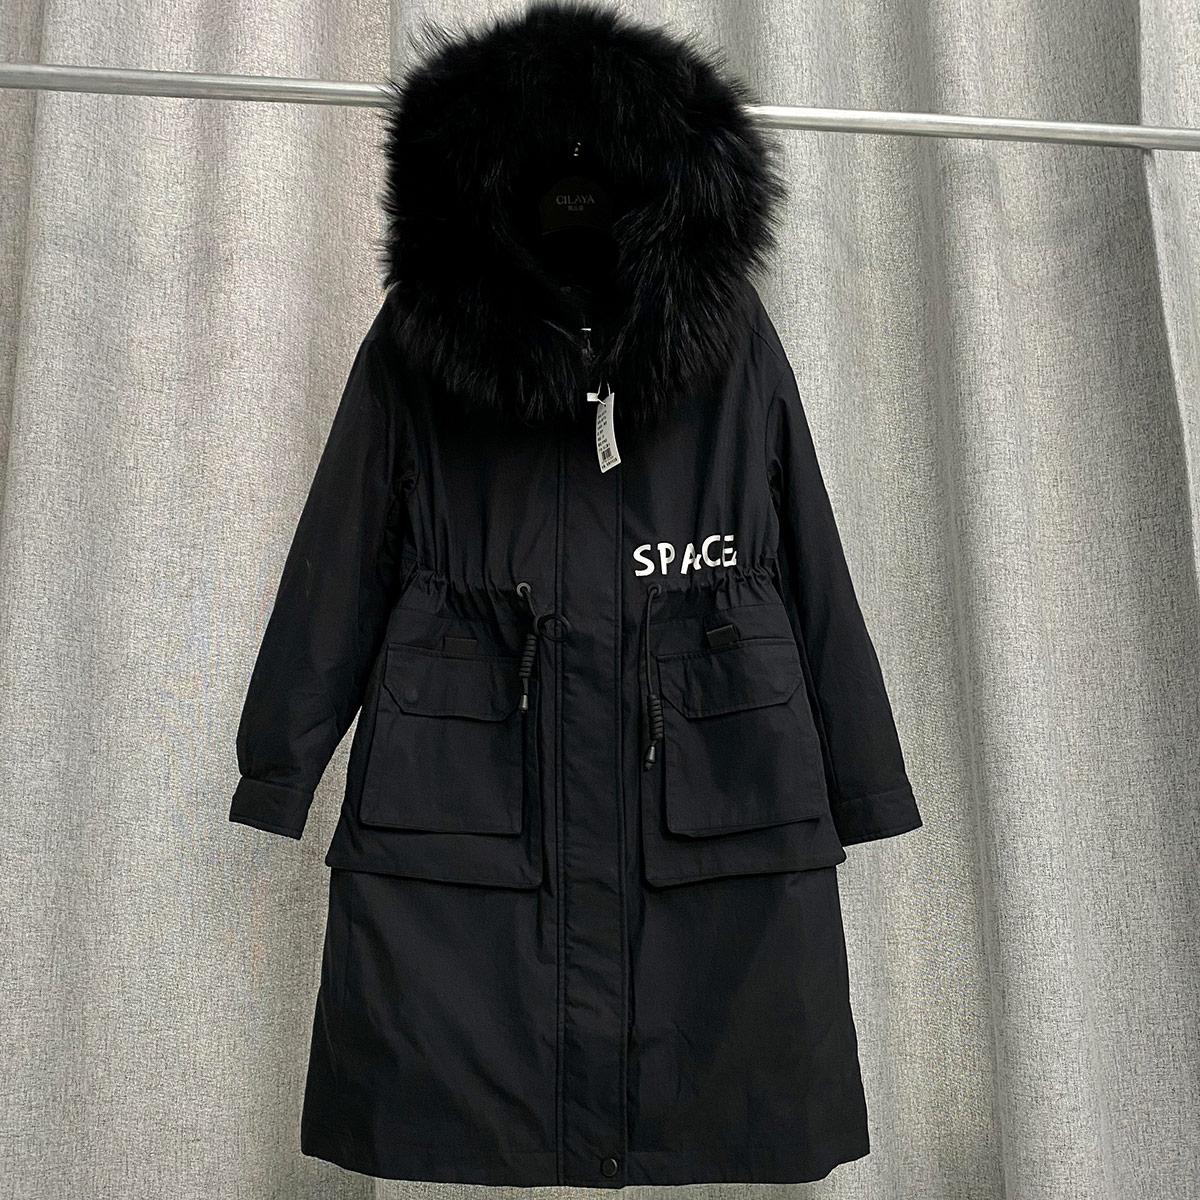 中长款羽绒服怎么搭配:黑色中长款羽绒服搭配